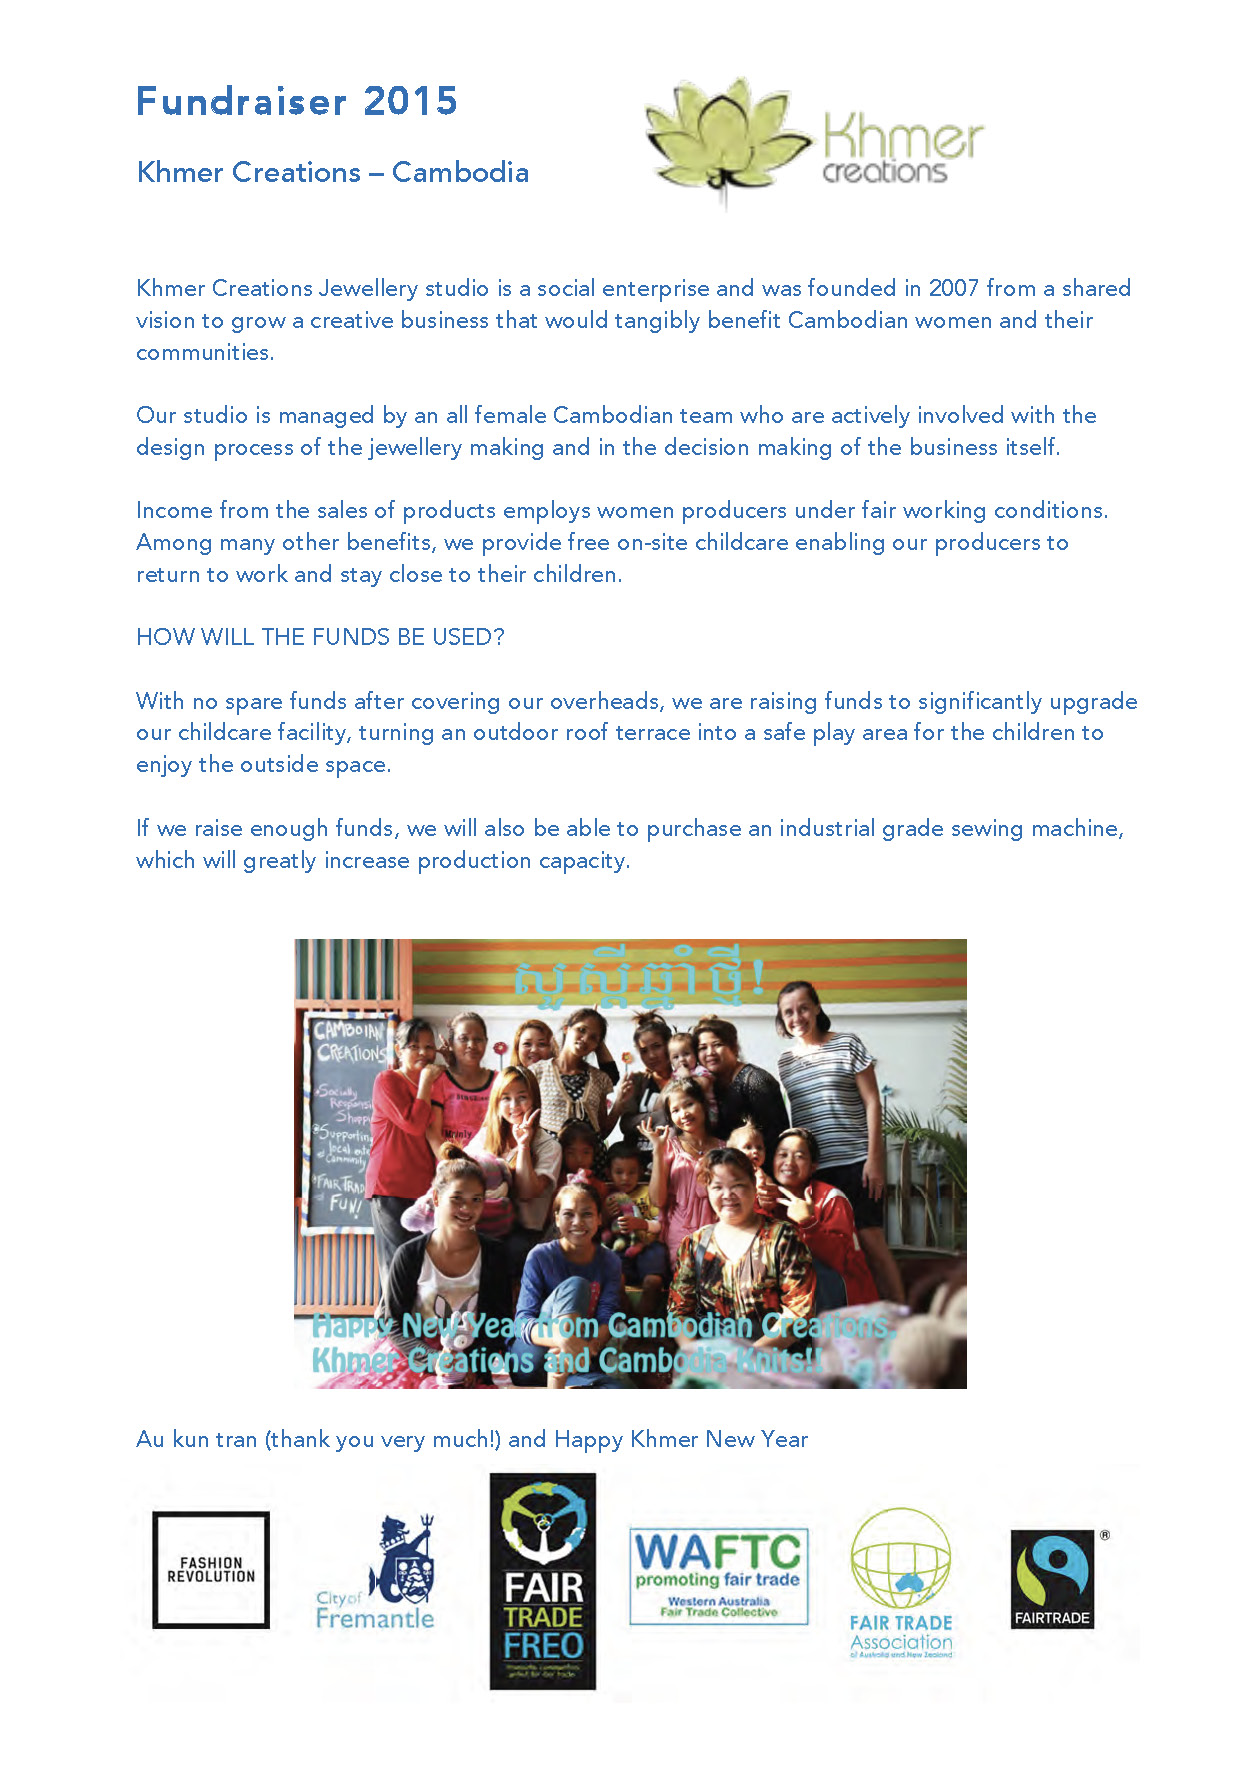 fundraiser_2015_khmer_creations.jpg